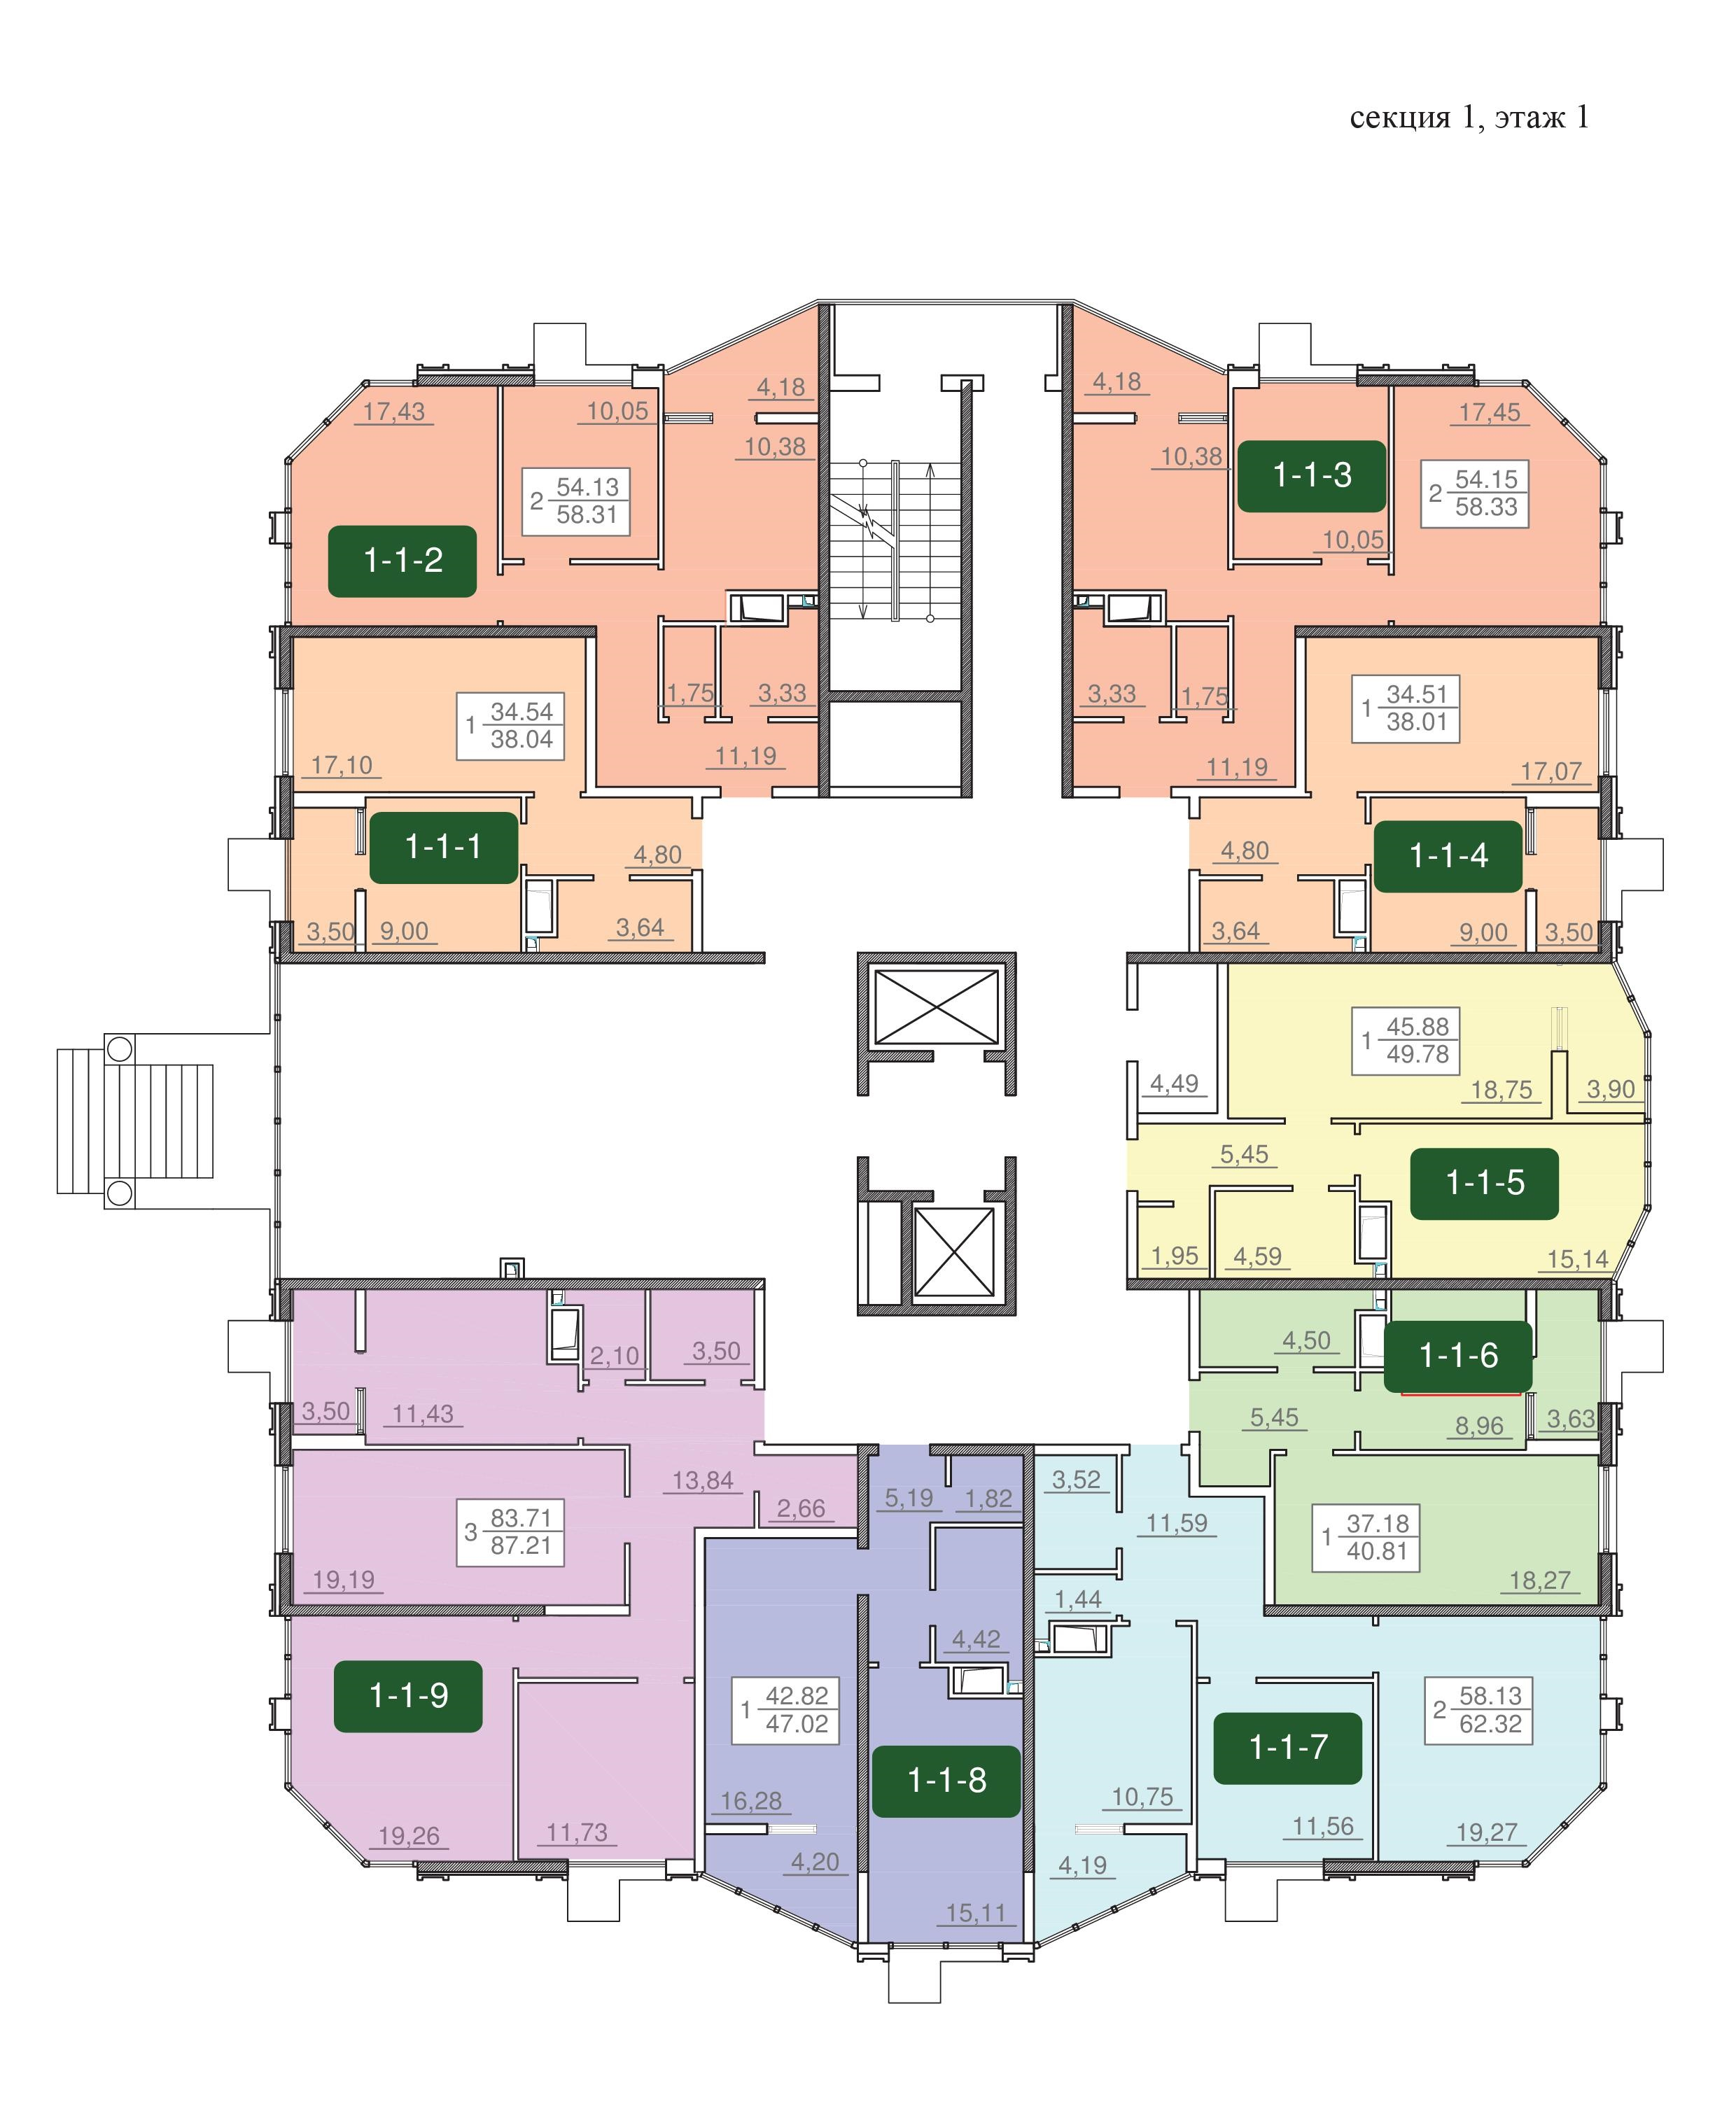 24-я жемчужина планировка этажа 1